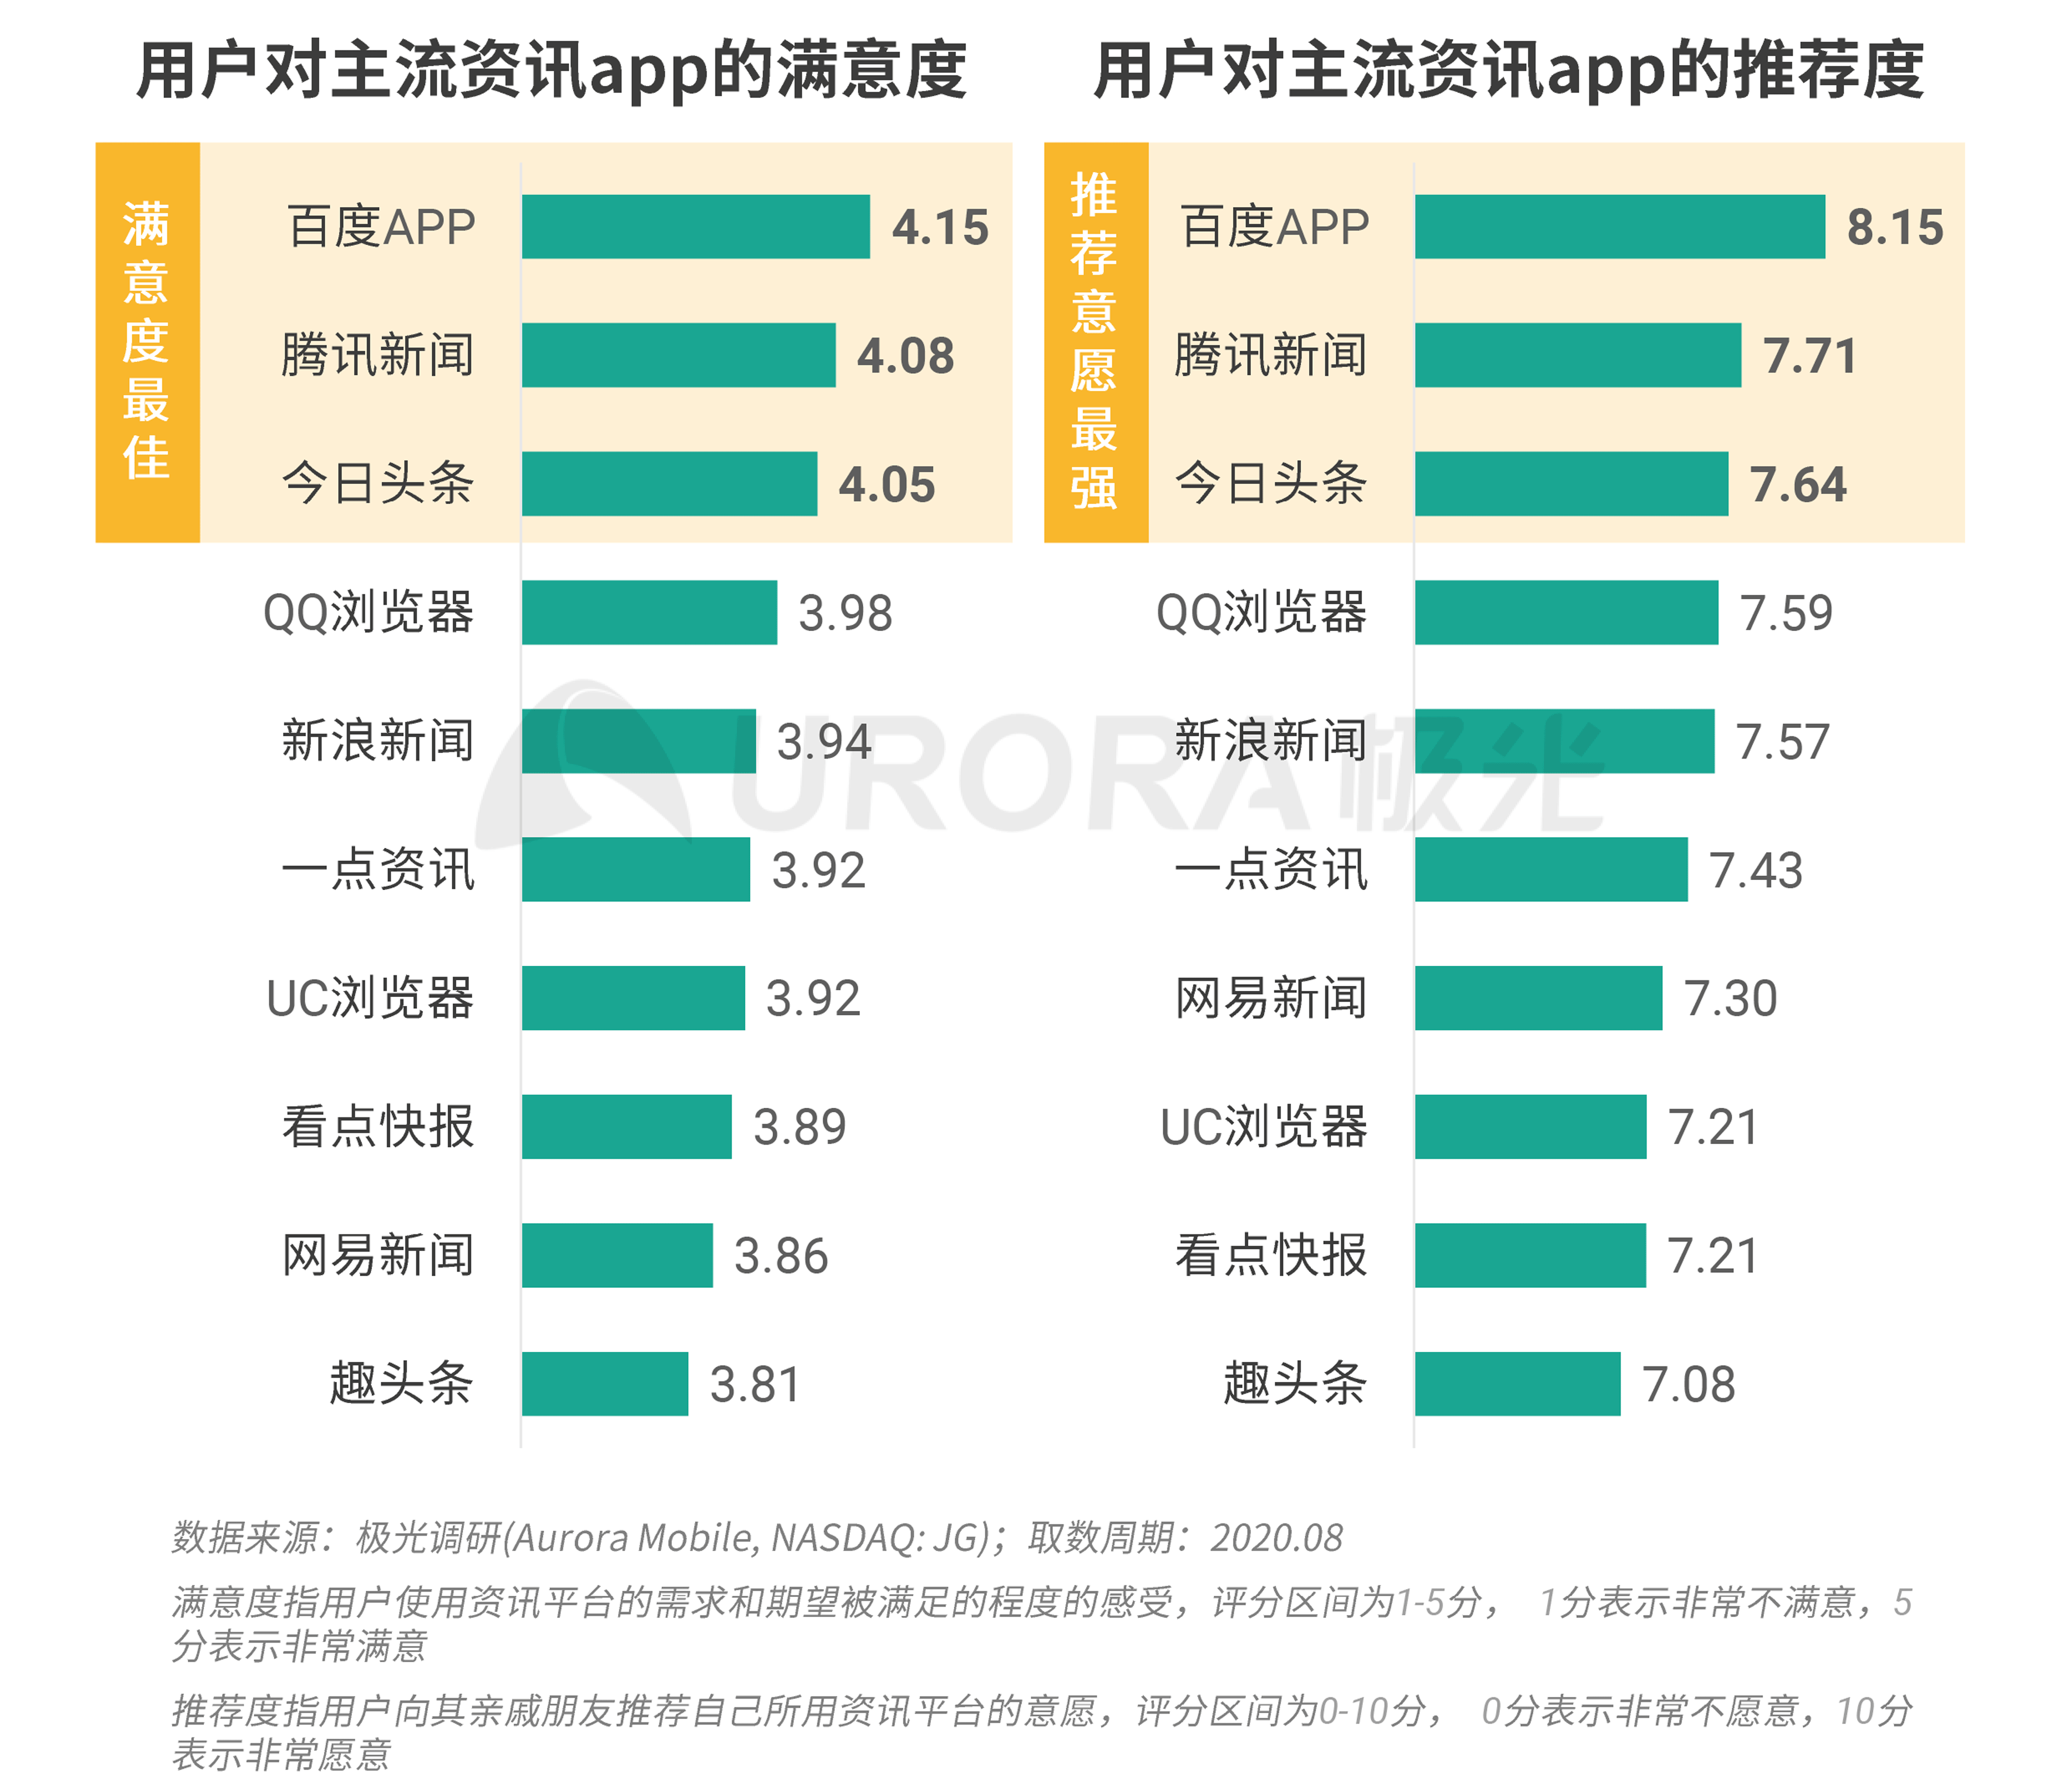 极光:新资讯行业系列报告--内容篇 (25).png